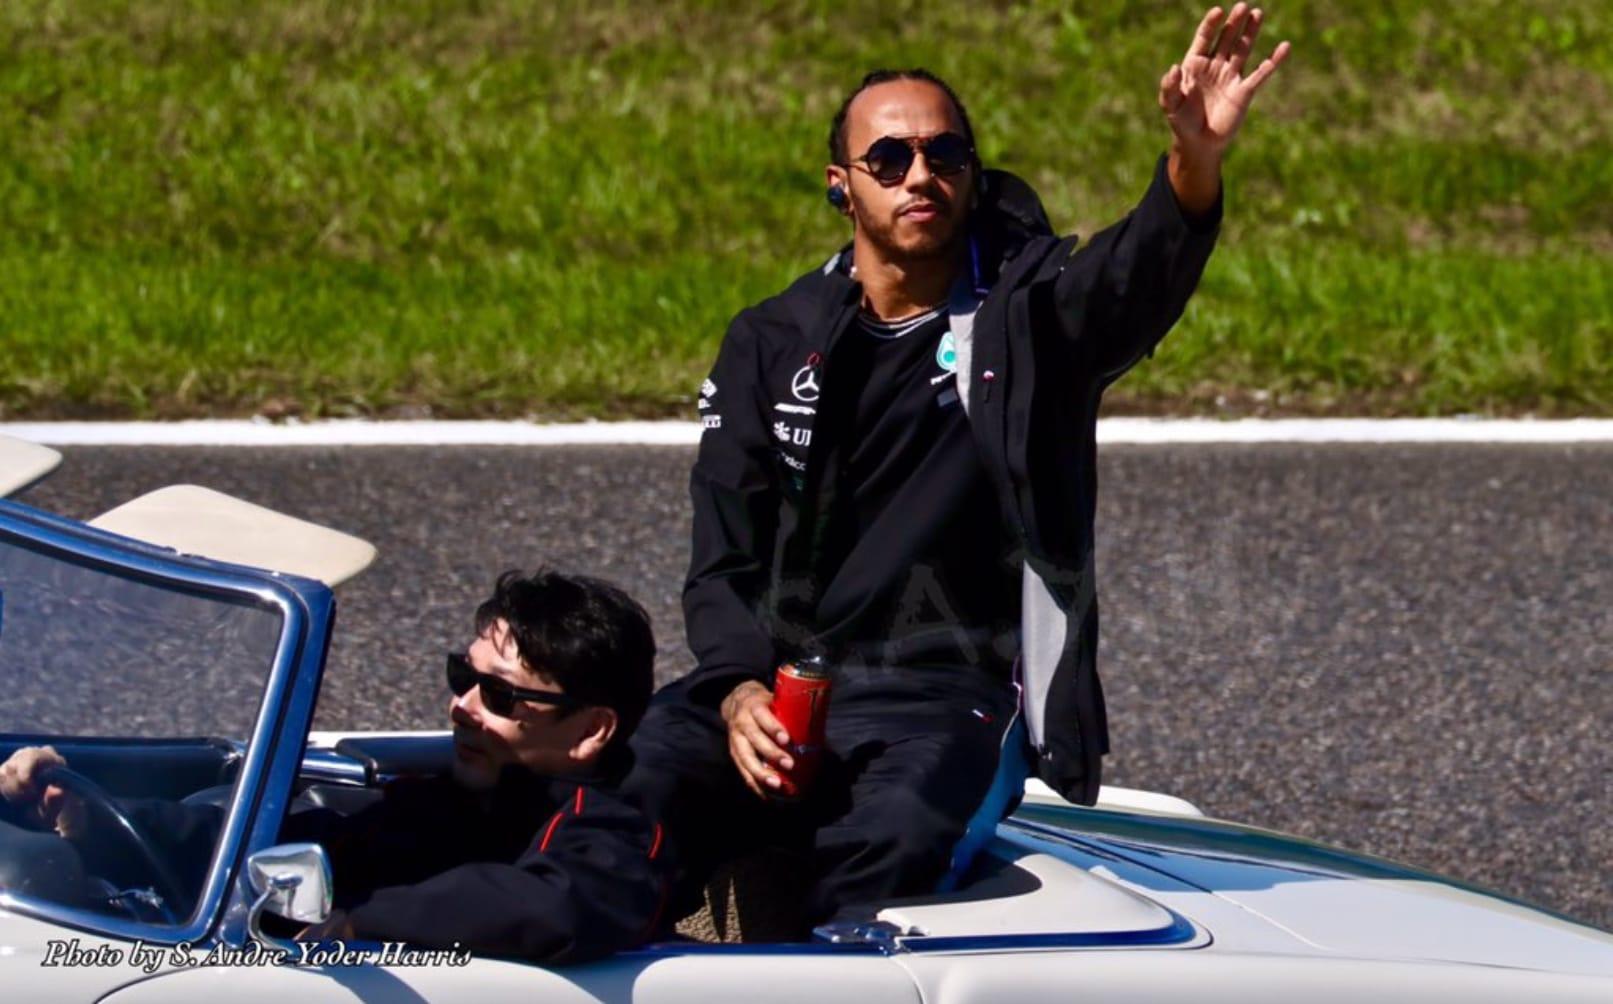 Hamilton dénonce le silence des acteurs de la F1 sur l'injustice raciale